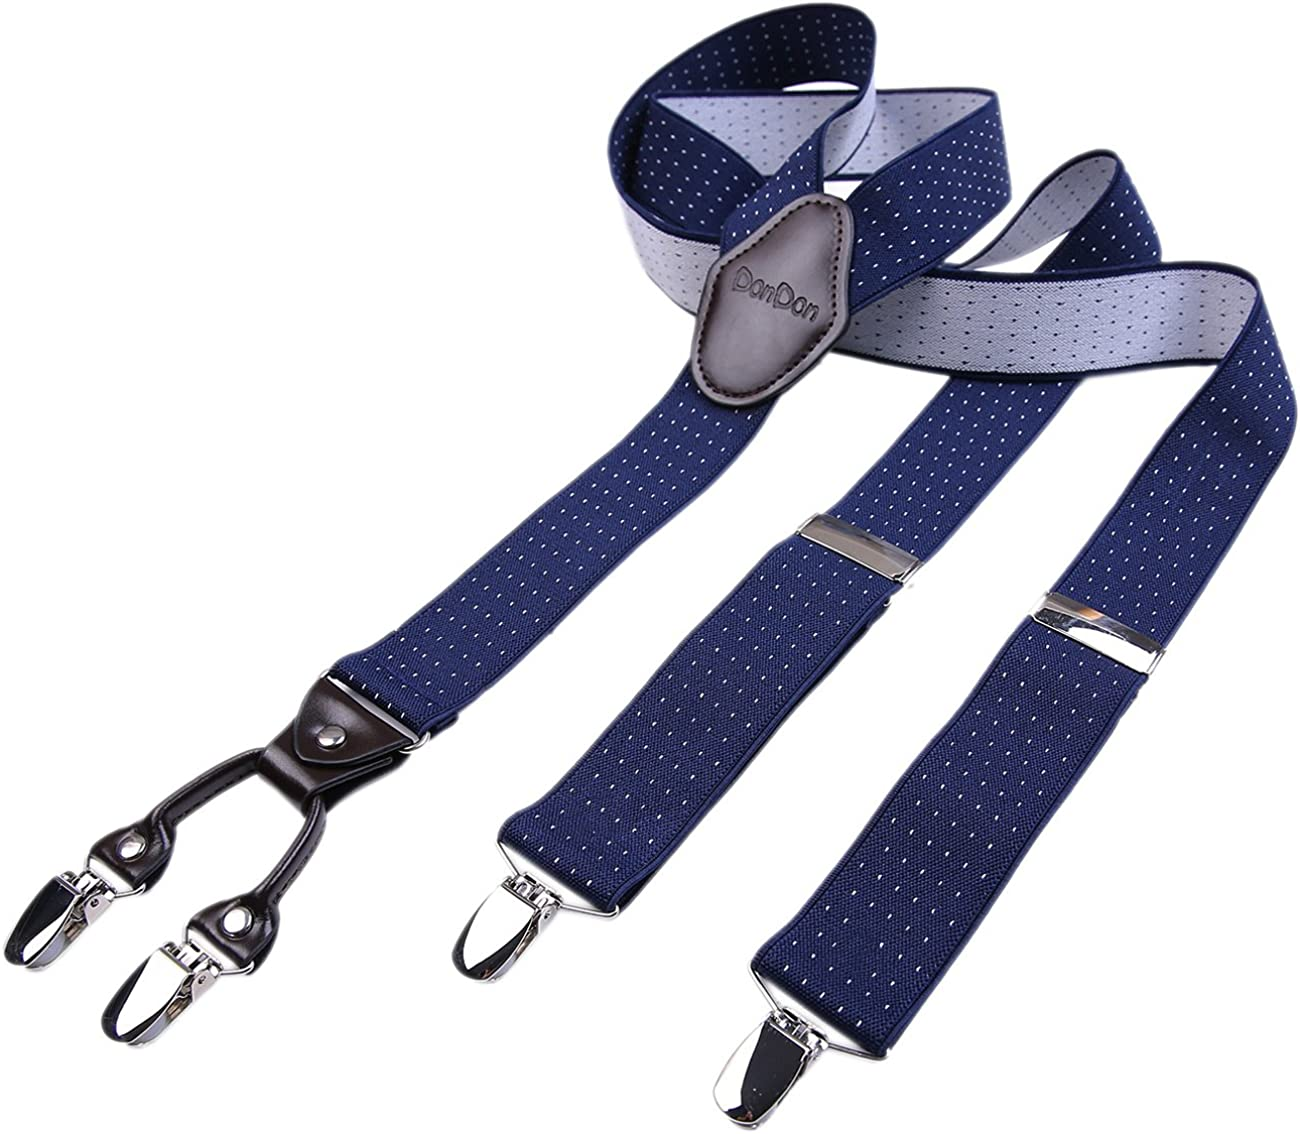 DonDon hombres tirantes 3,5 cm ancho 4 clips con piel cuero marrón de forma Y elástico y con longitud ajustable